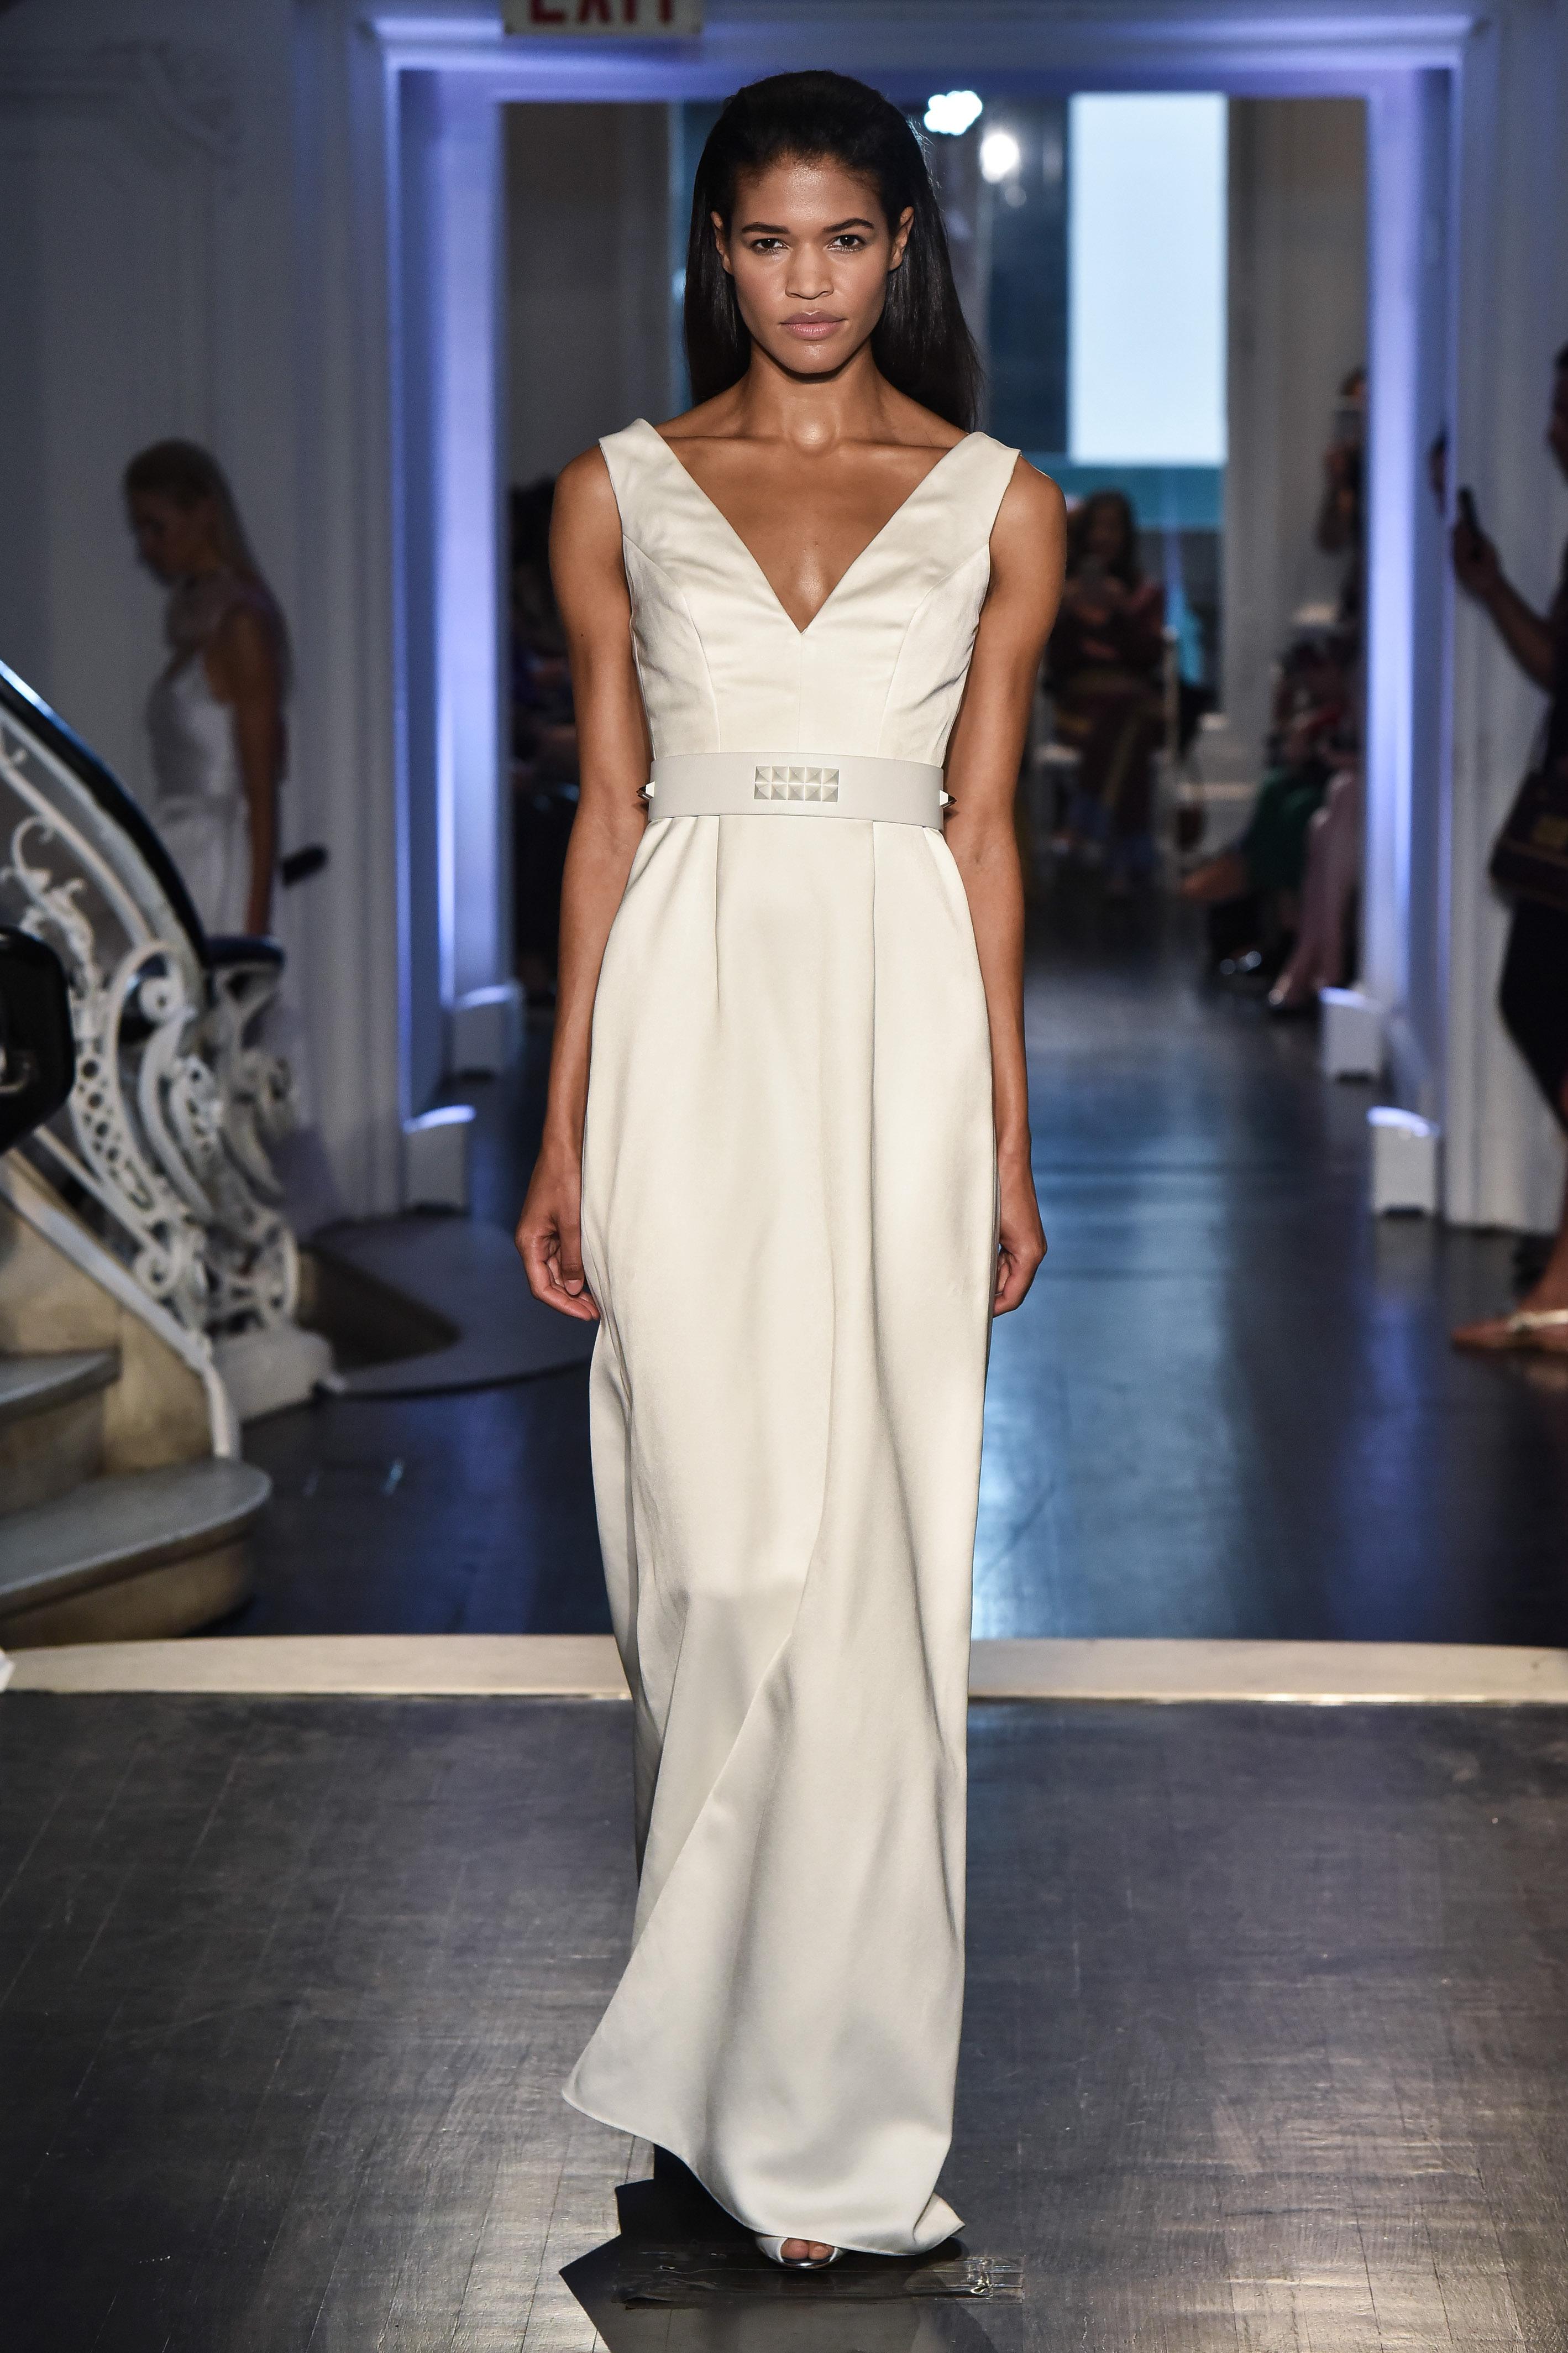 lakum wedding dress fall 2018 v-neck a-line